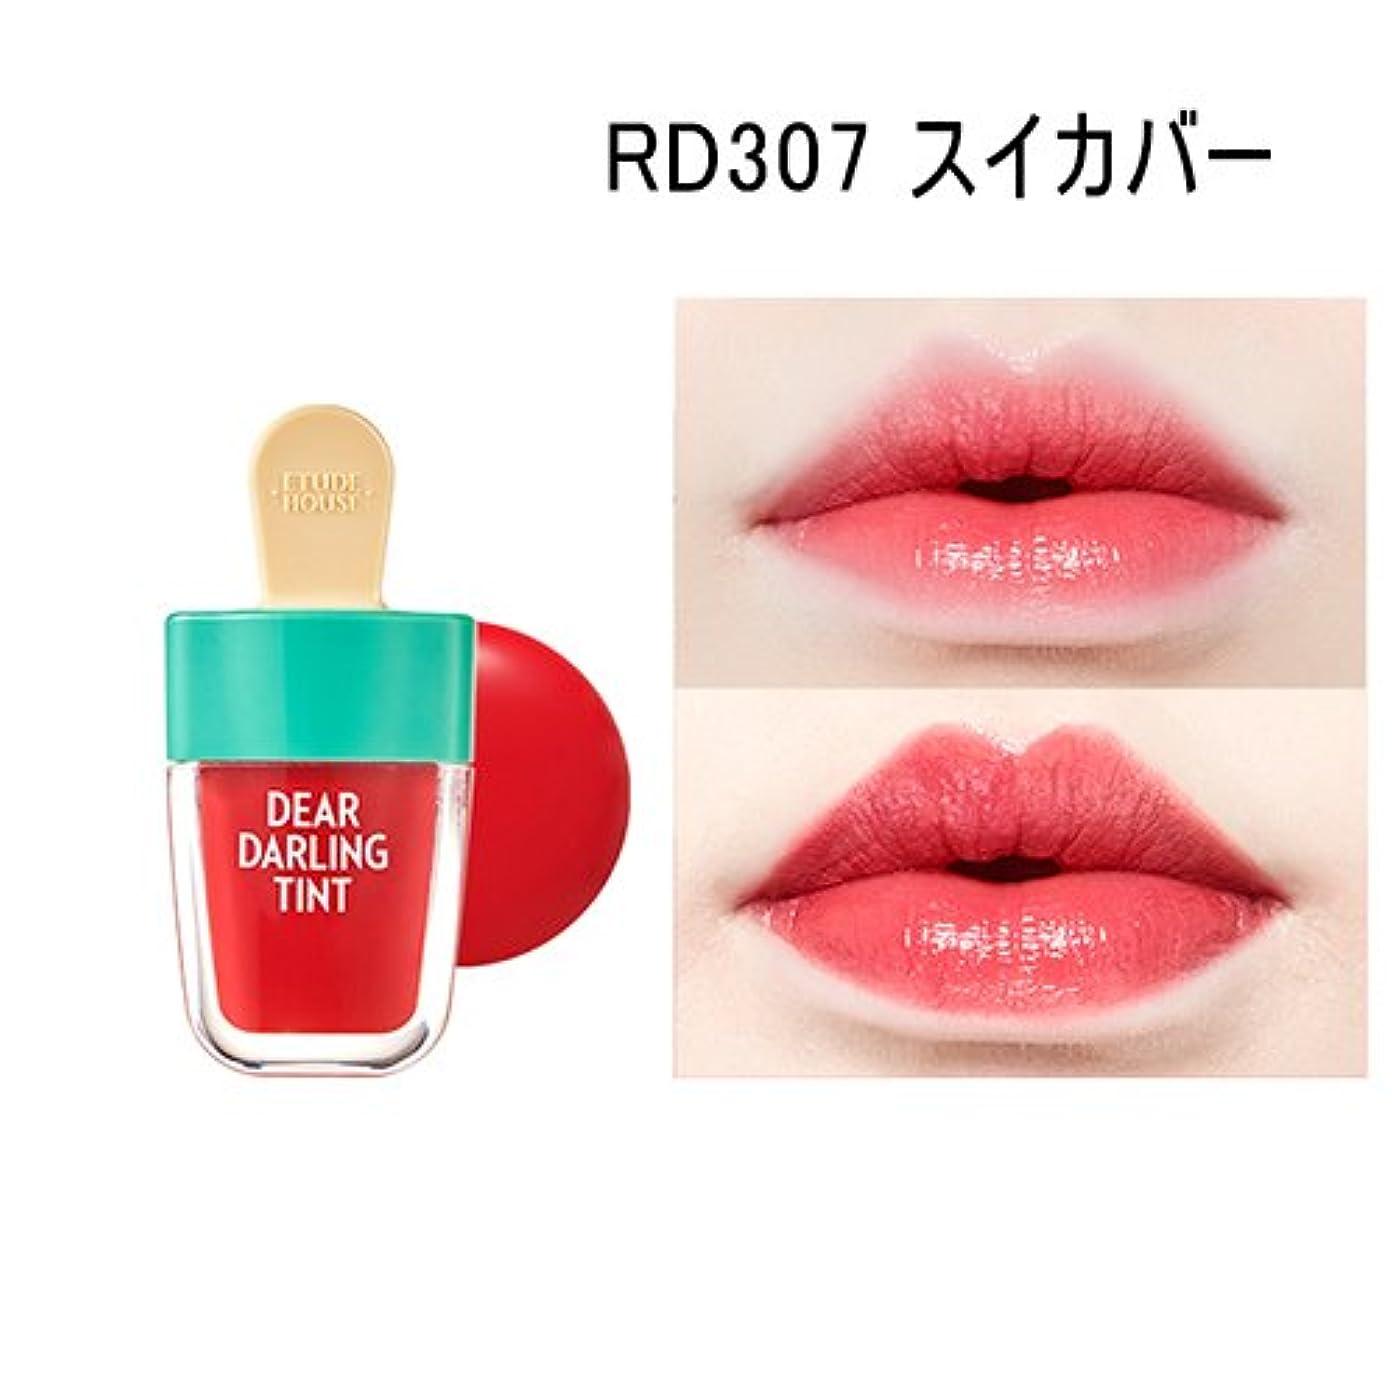 報いるひそかに深遠Etude House(エチュードハウス) [夏限定]ディアー ダーリン ウォータージェル ティント/Dear Darling Water Gel Tint(4.5g) (RD307(スイカレッド)) [並行輸入品]